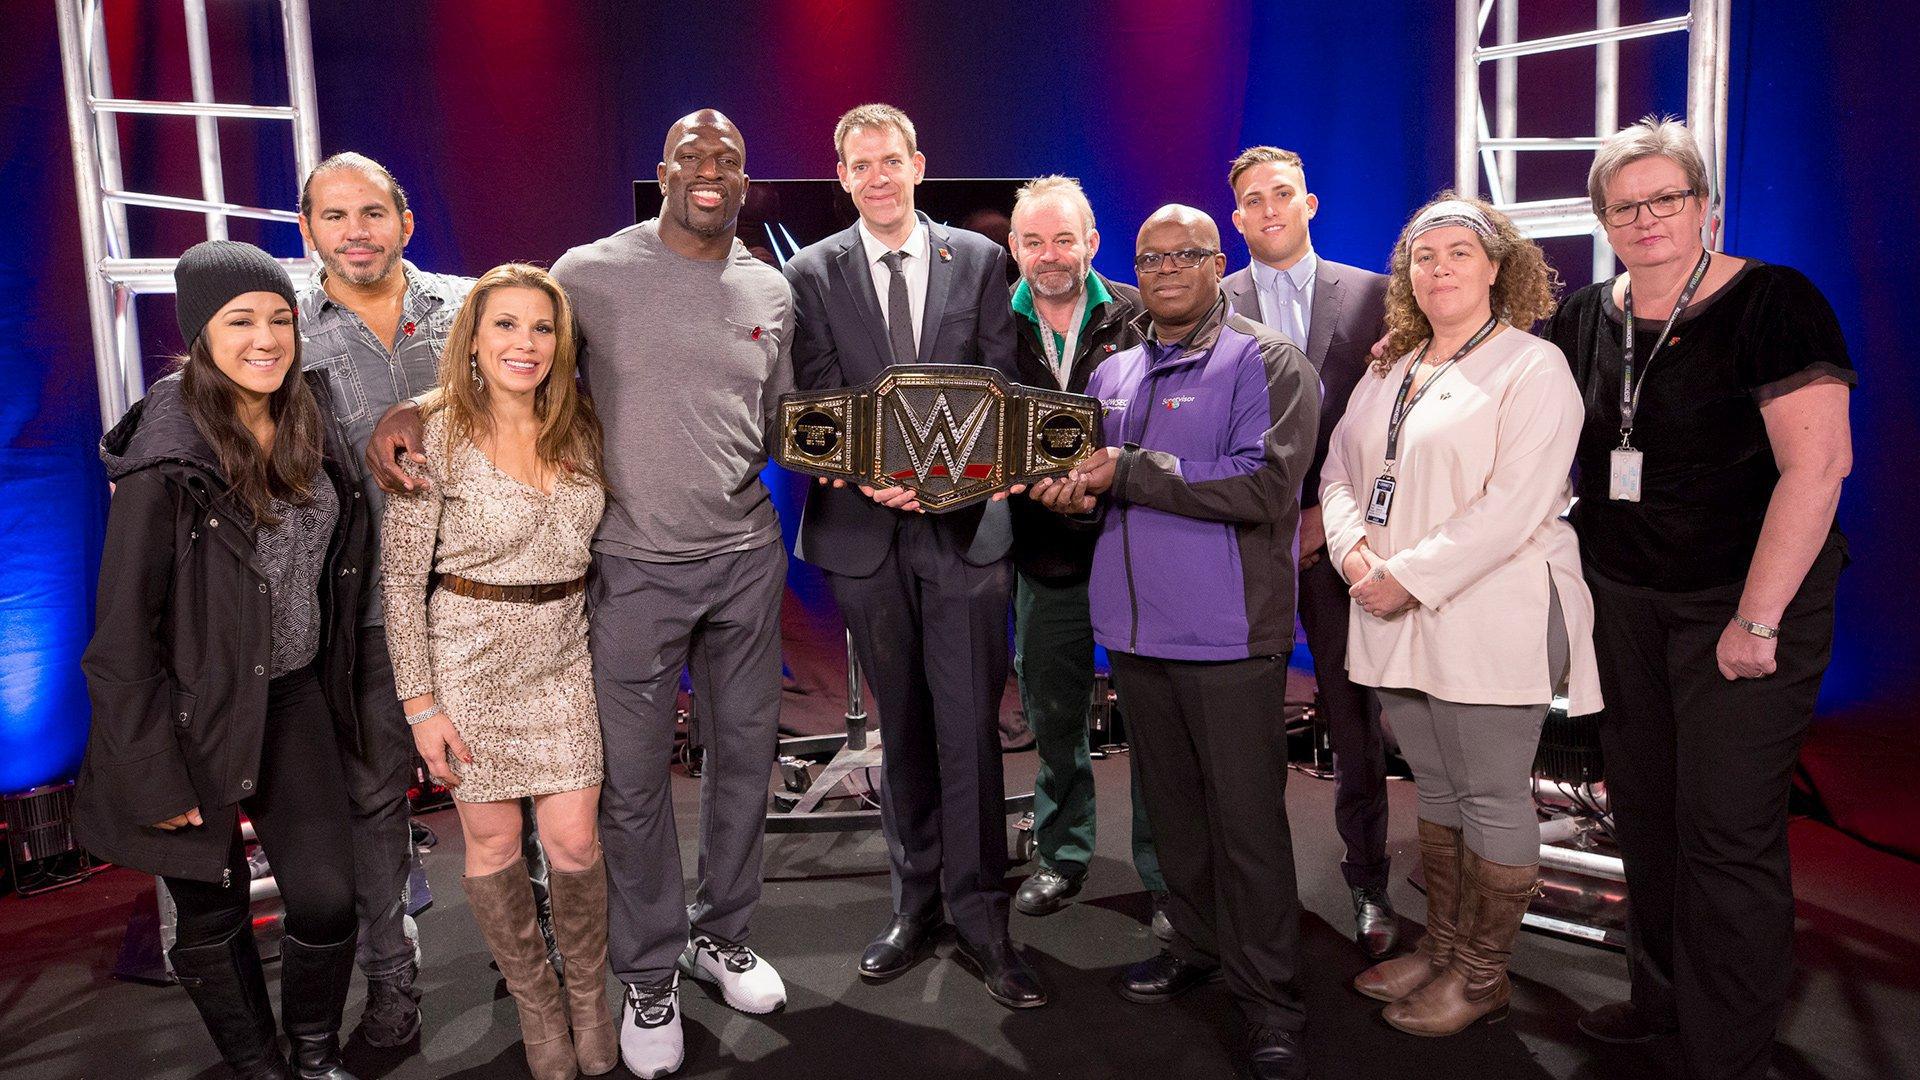 テロ現場のスタッフと救命隊員に、WWEチャンピオンベルトを授与